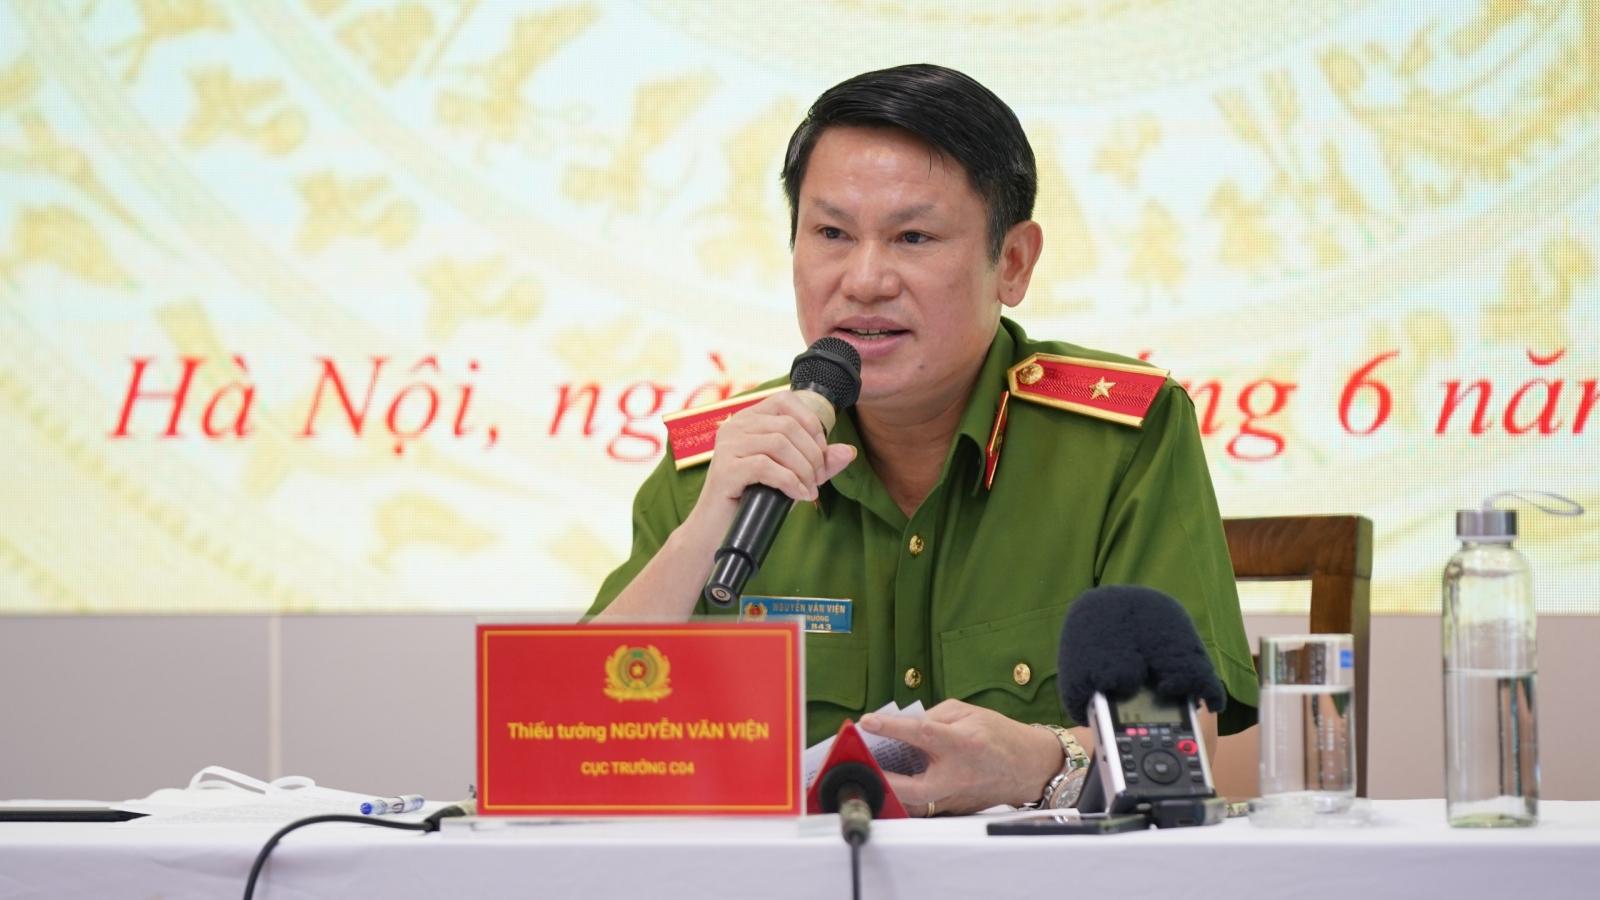 """Thiếu tướng Nguyễn Văn Viện """"bật mí"""" 48 giờ phá chuyên án bí số HC421"""